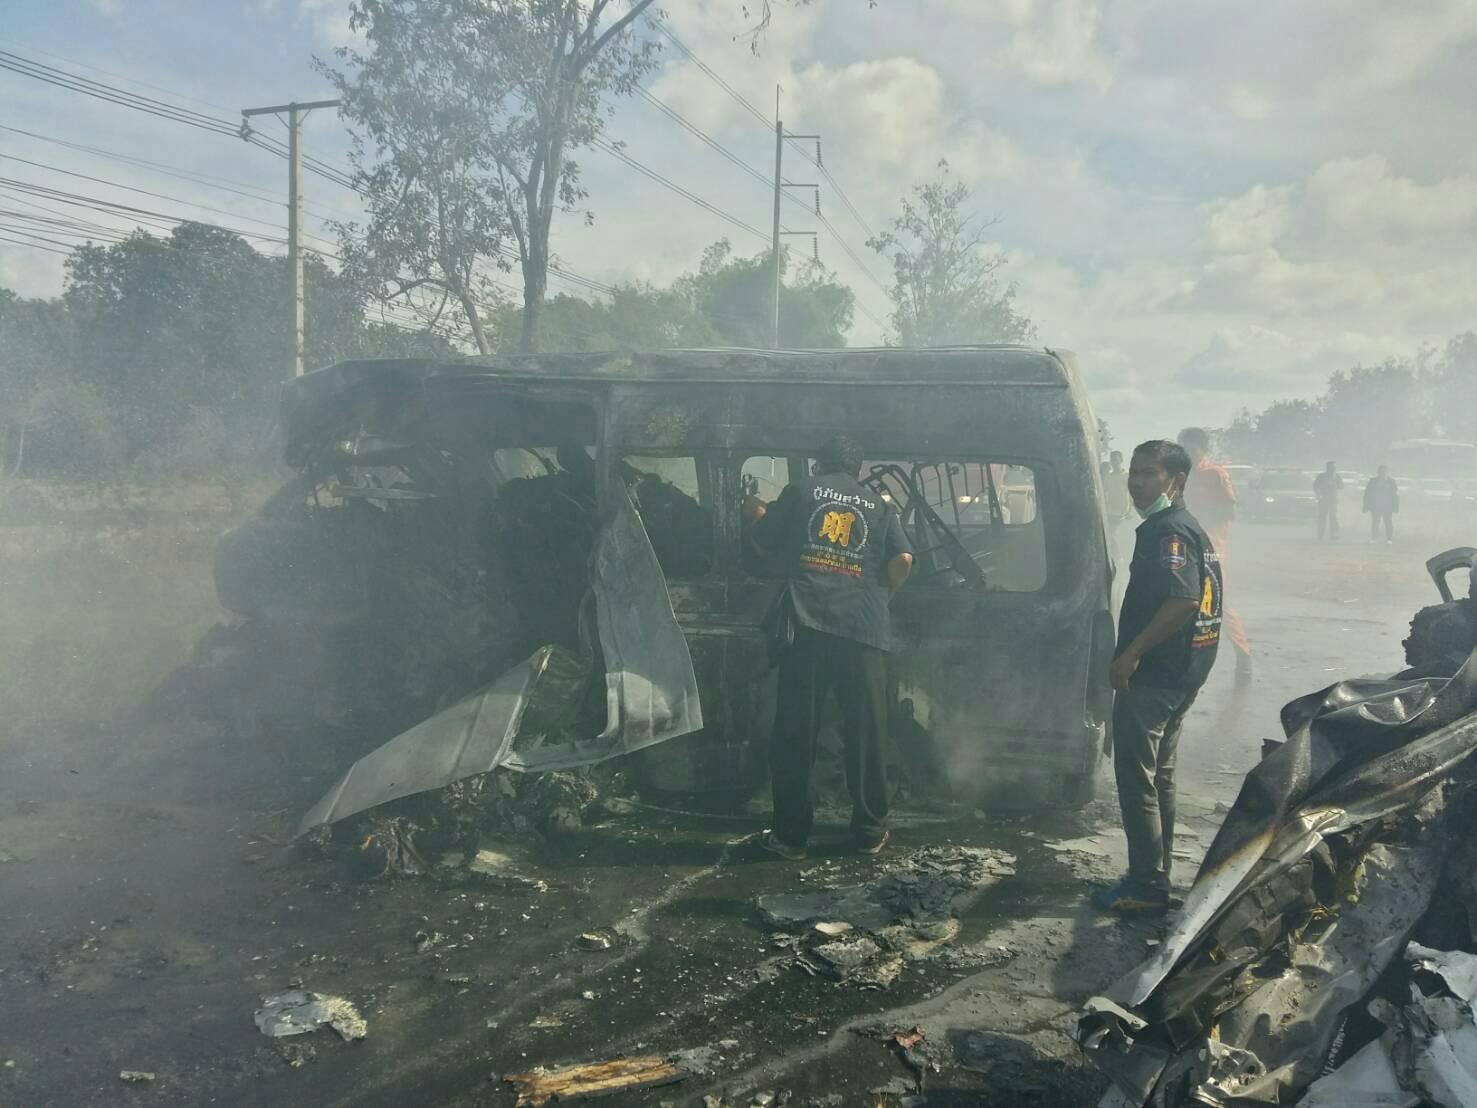 สลด !! รถตู้โดยสารประสานงารถปิกอัพ ไฟลุกท่วมที่บ้านบึง ดับ 25 ราย (คลิป)